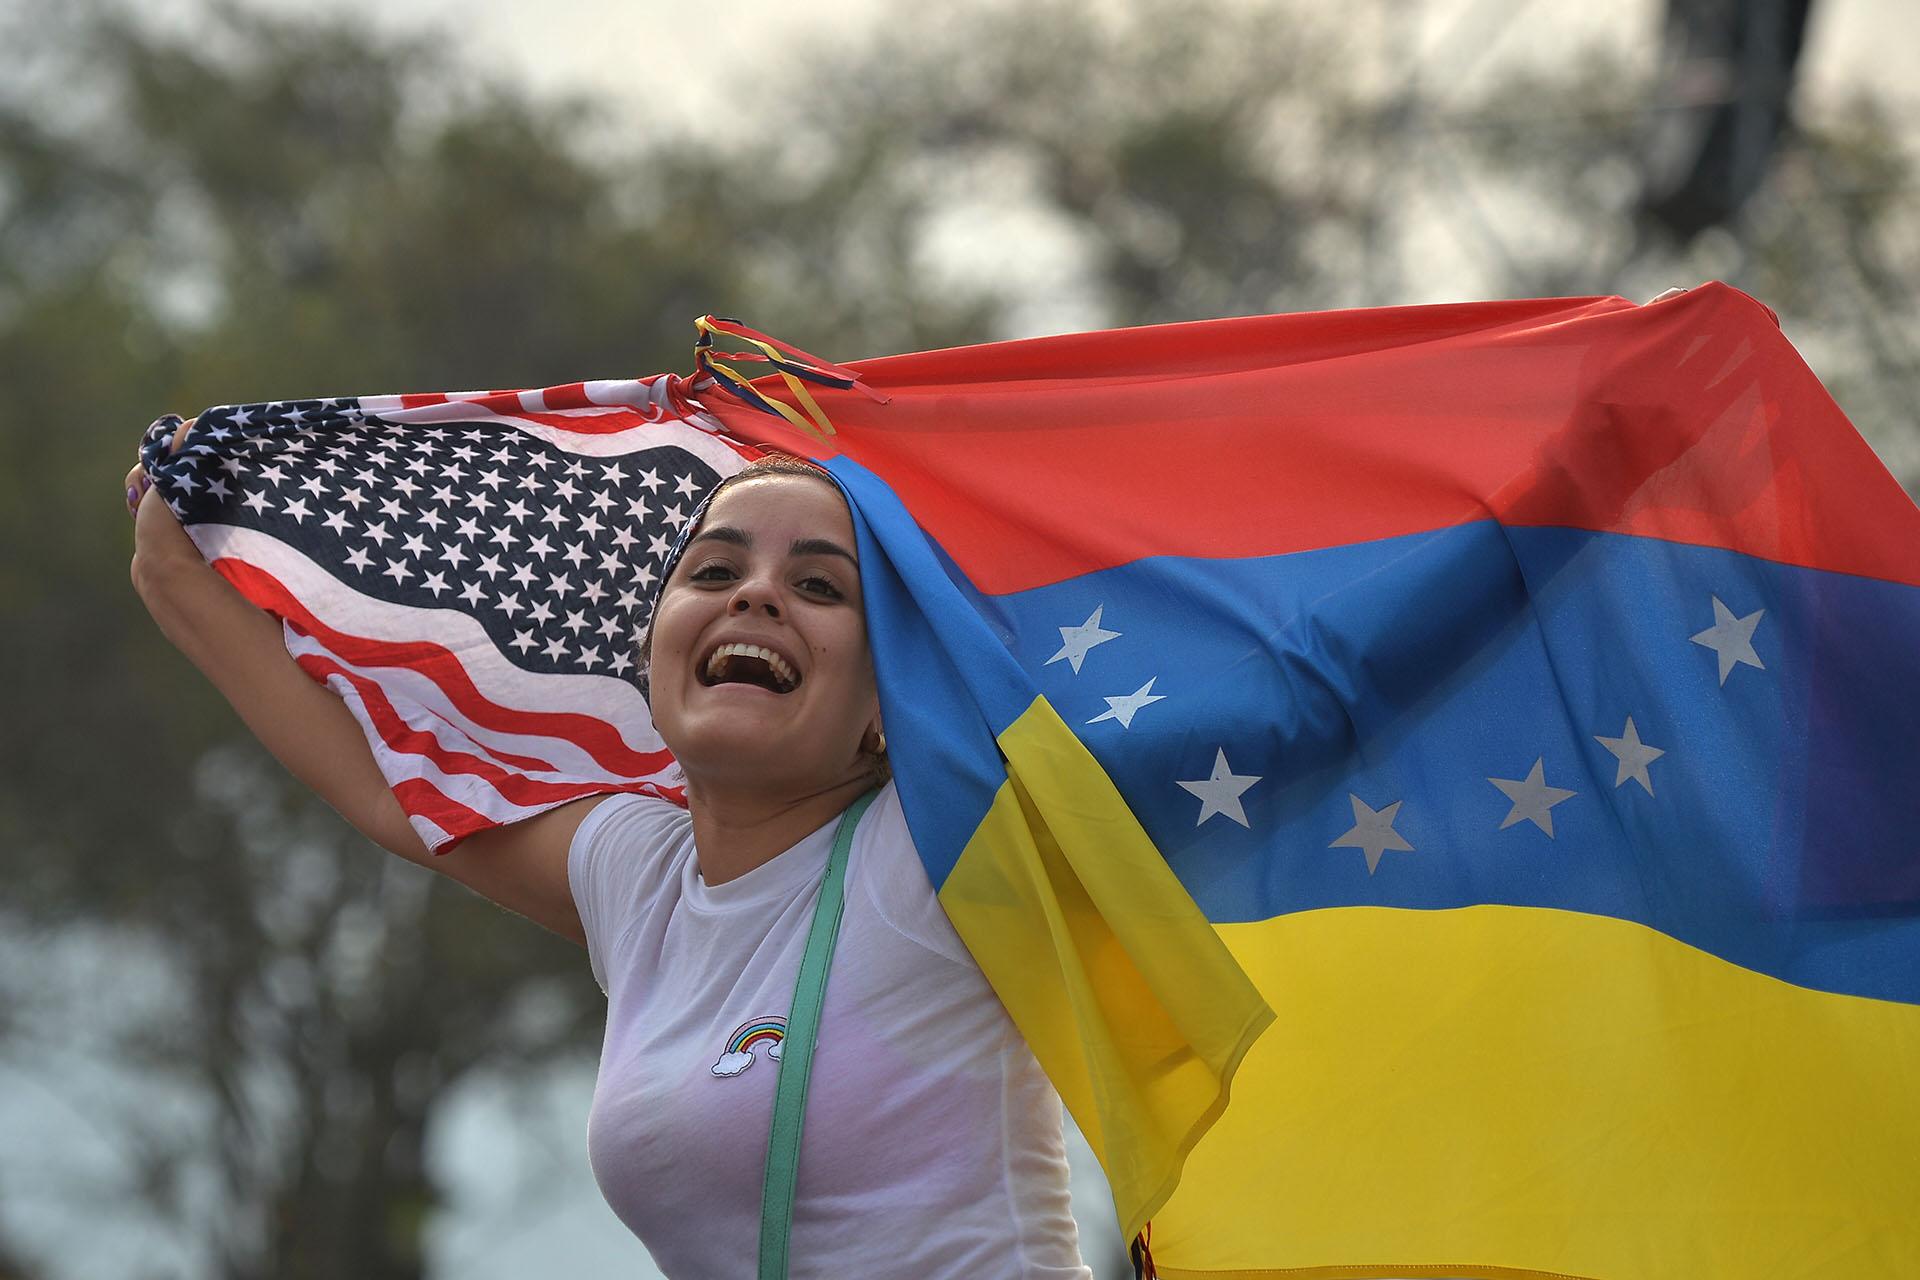 La mujer con las banderas de Venezuela y los Estados Unidos.